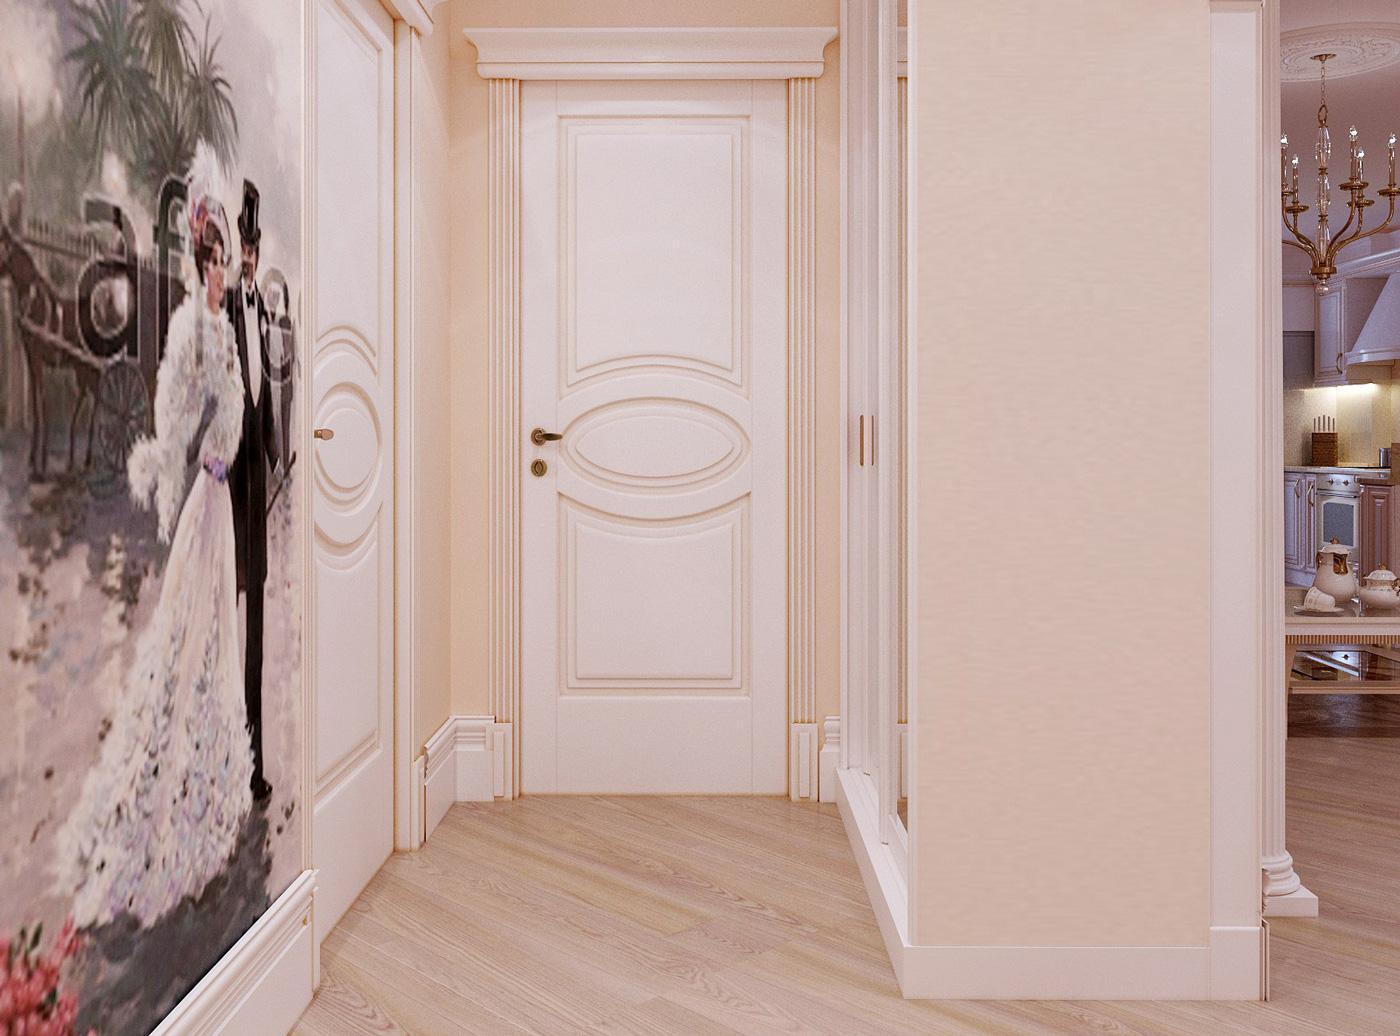 Работа дизайнера Натальи Авсараговой 4.8. Ремонт Вашего Дома — Дизайнерский ремонт по доступной цене!